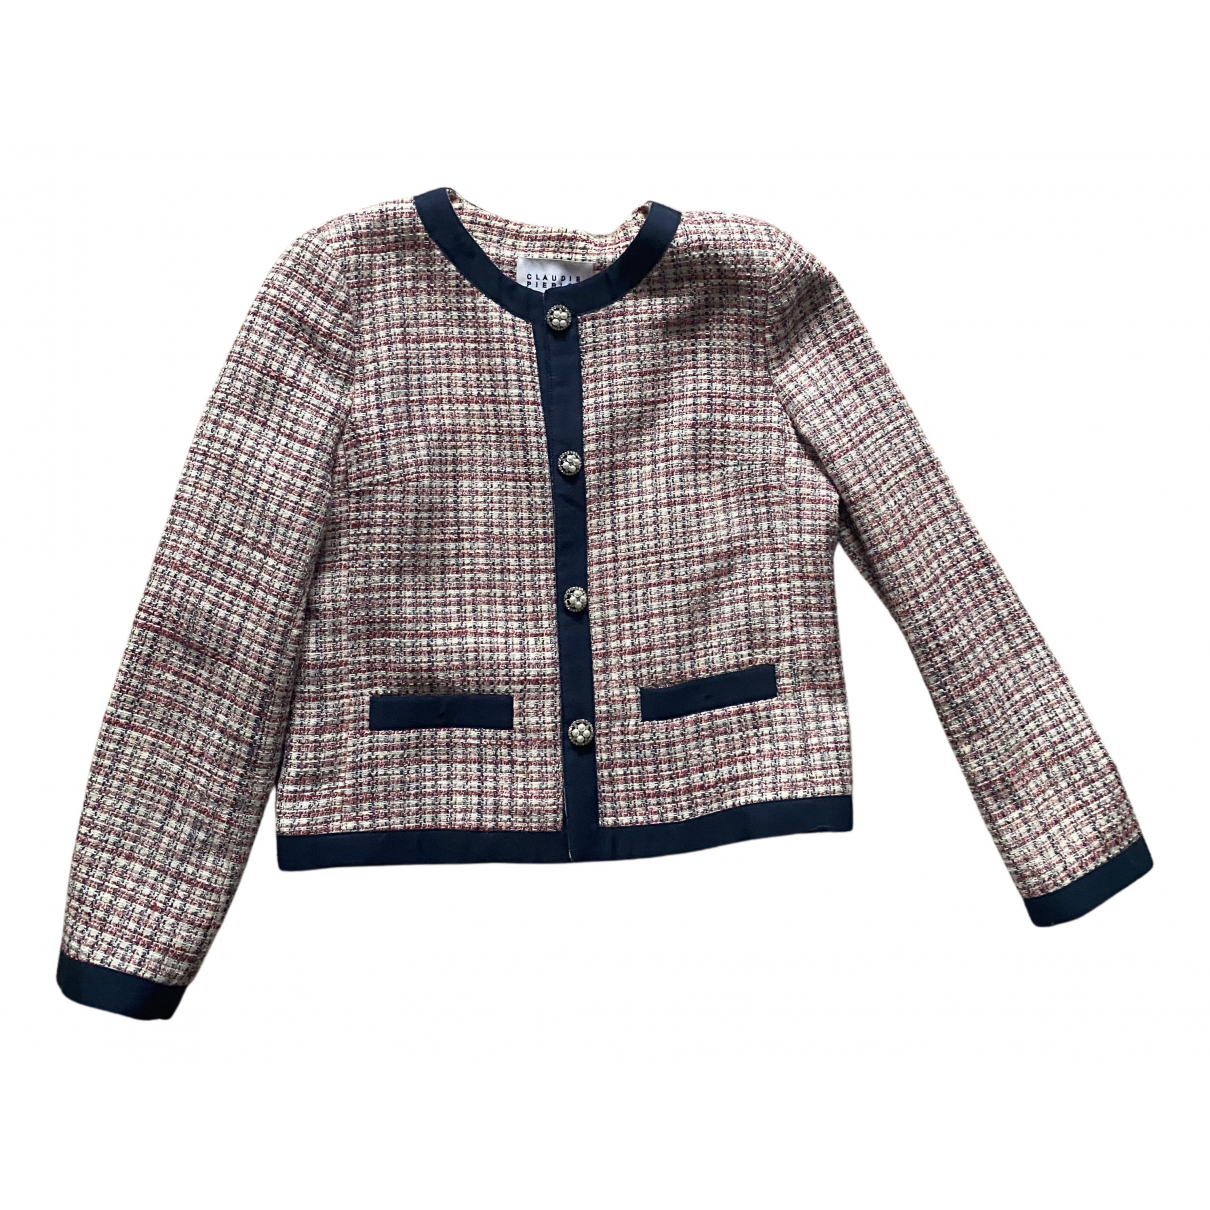 Claudie Pierlot N Multicolour Cotton jacket for Women 38 FR